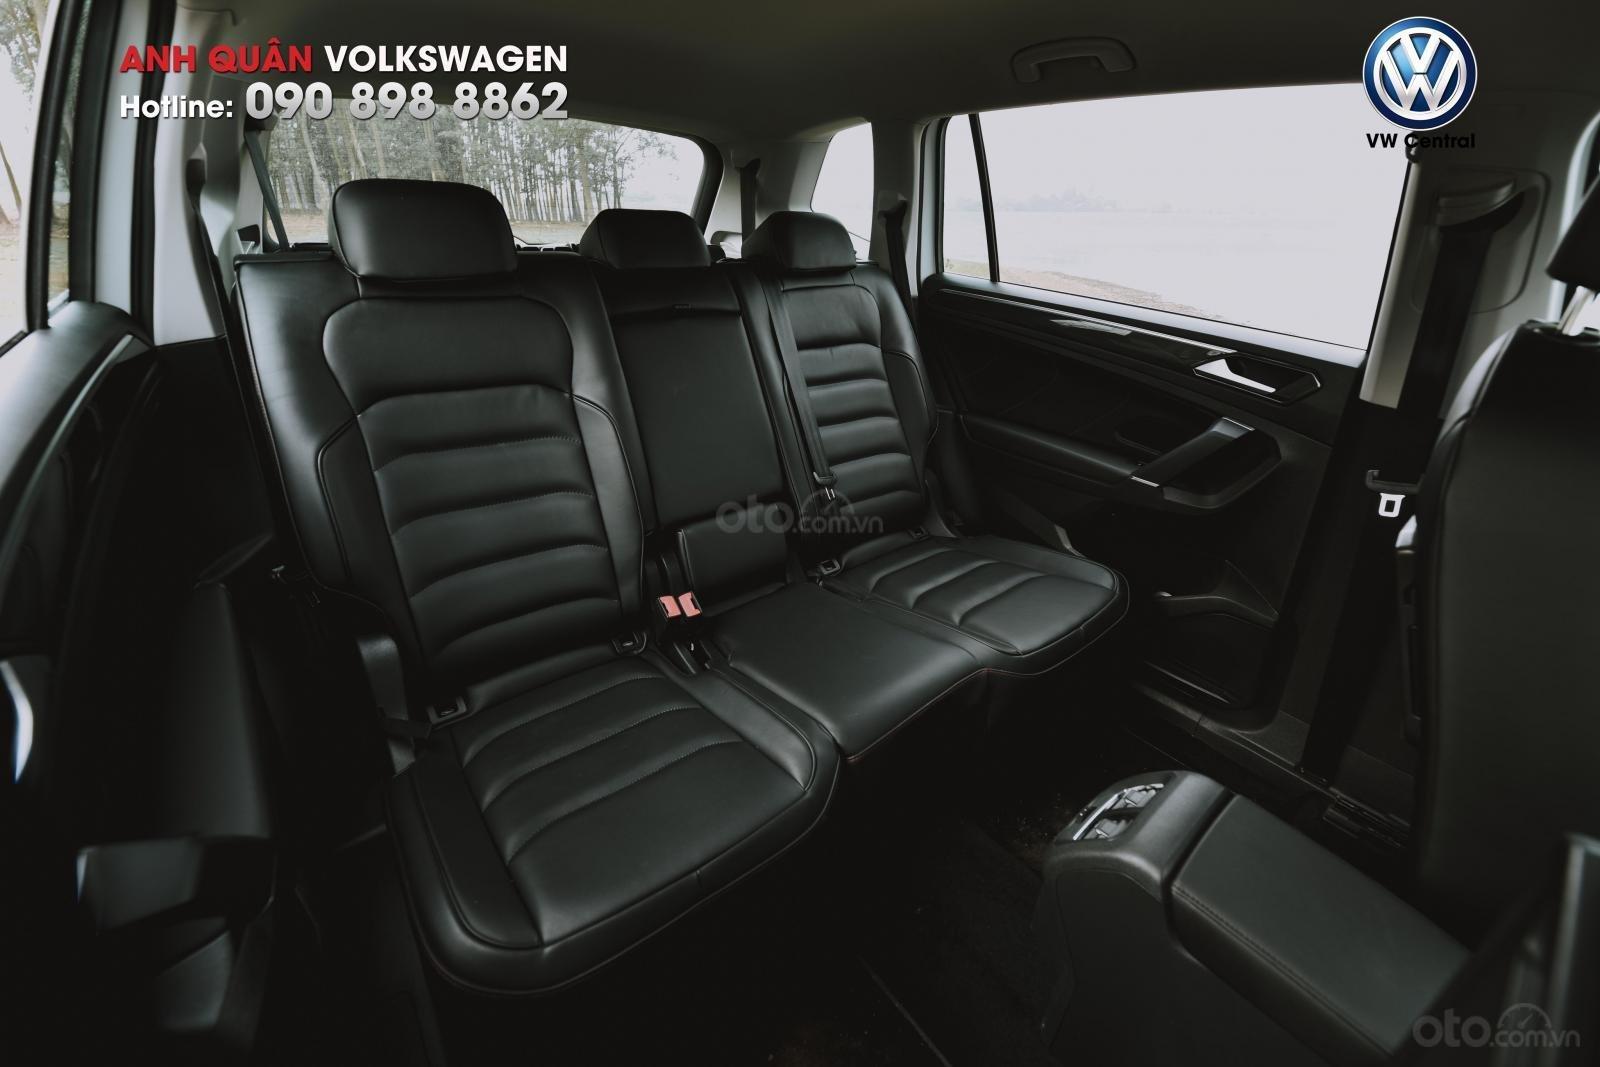 Tiguan Allspace Luxury 2020 - nhập khẩu, đủ màu, giao ngay|Hotline: 090-898-8862 (Anh Quân - VW Sài Gòn) (10)